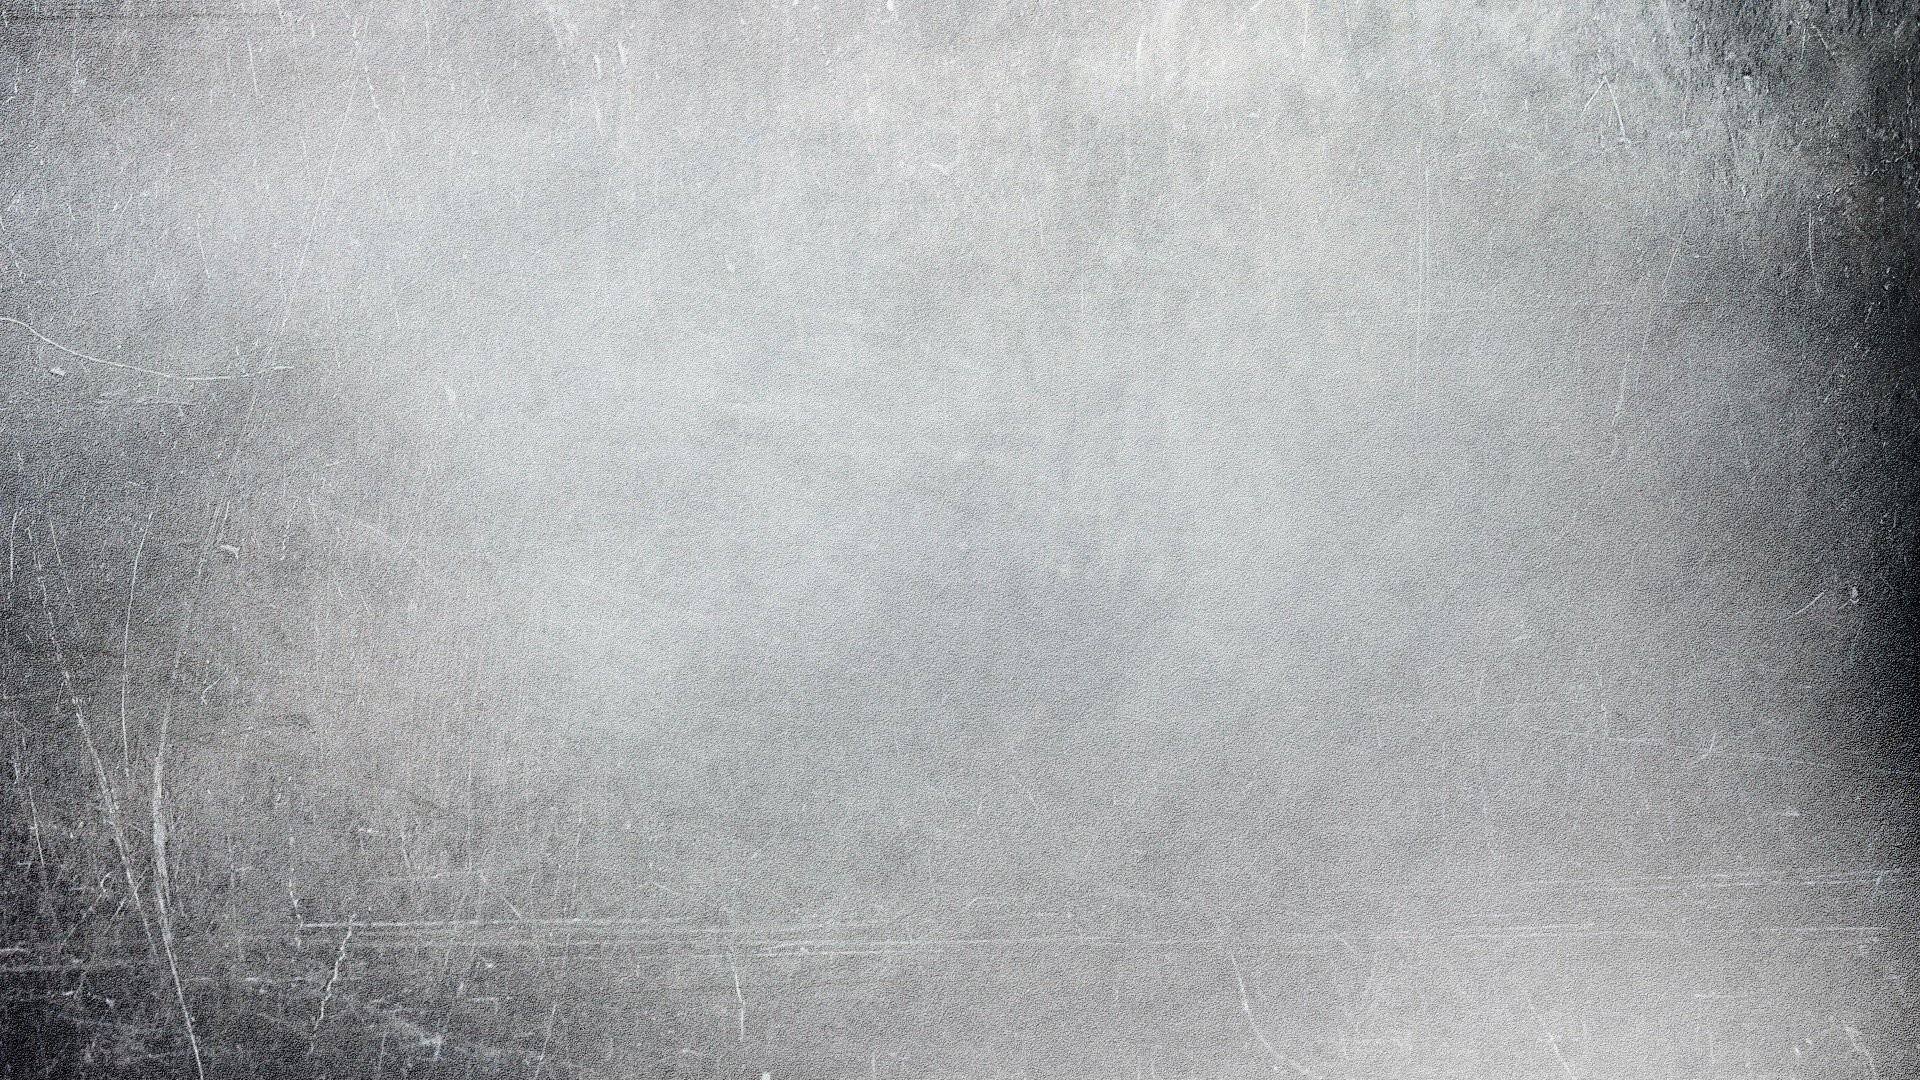 grey backgrounds marketing wallpaper 63 images. Black Bedroom Furniture Sets. Home Design Ideas